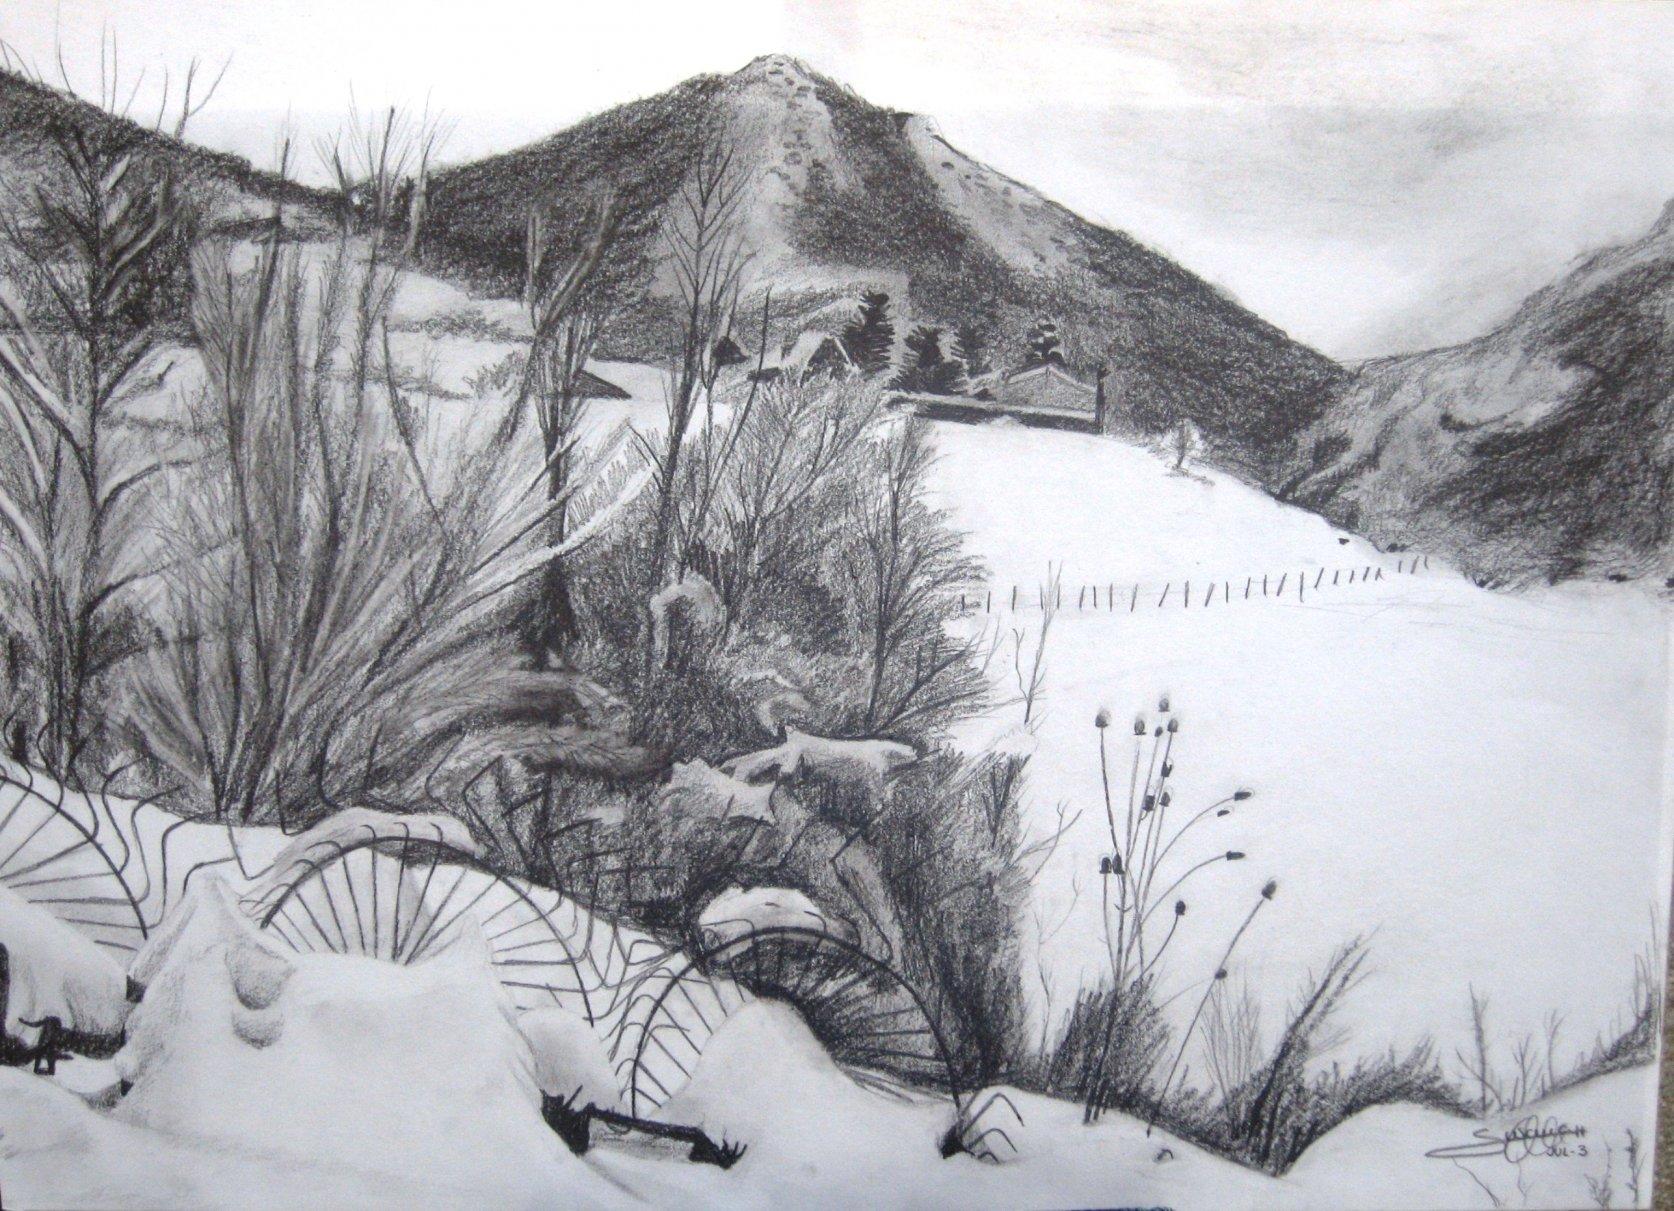 Detrás de casa nevado (2003) - Alonso de Sousa